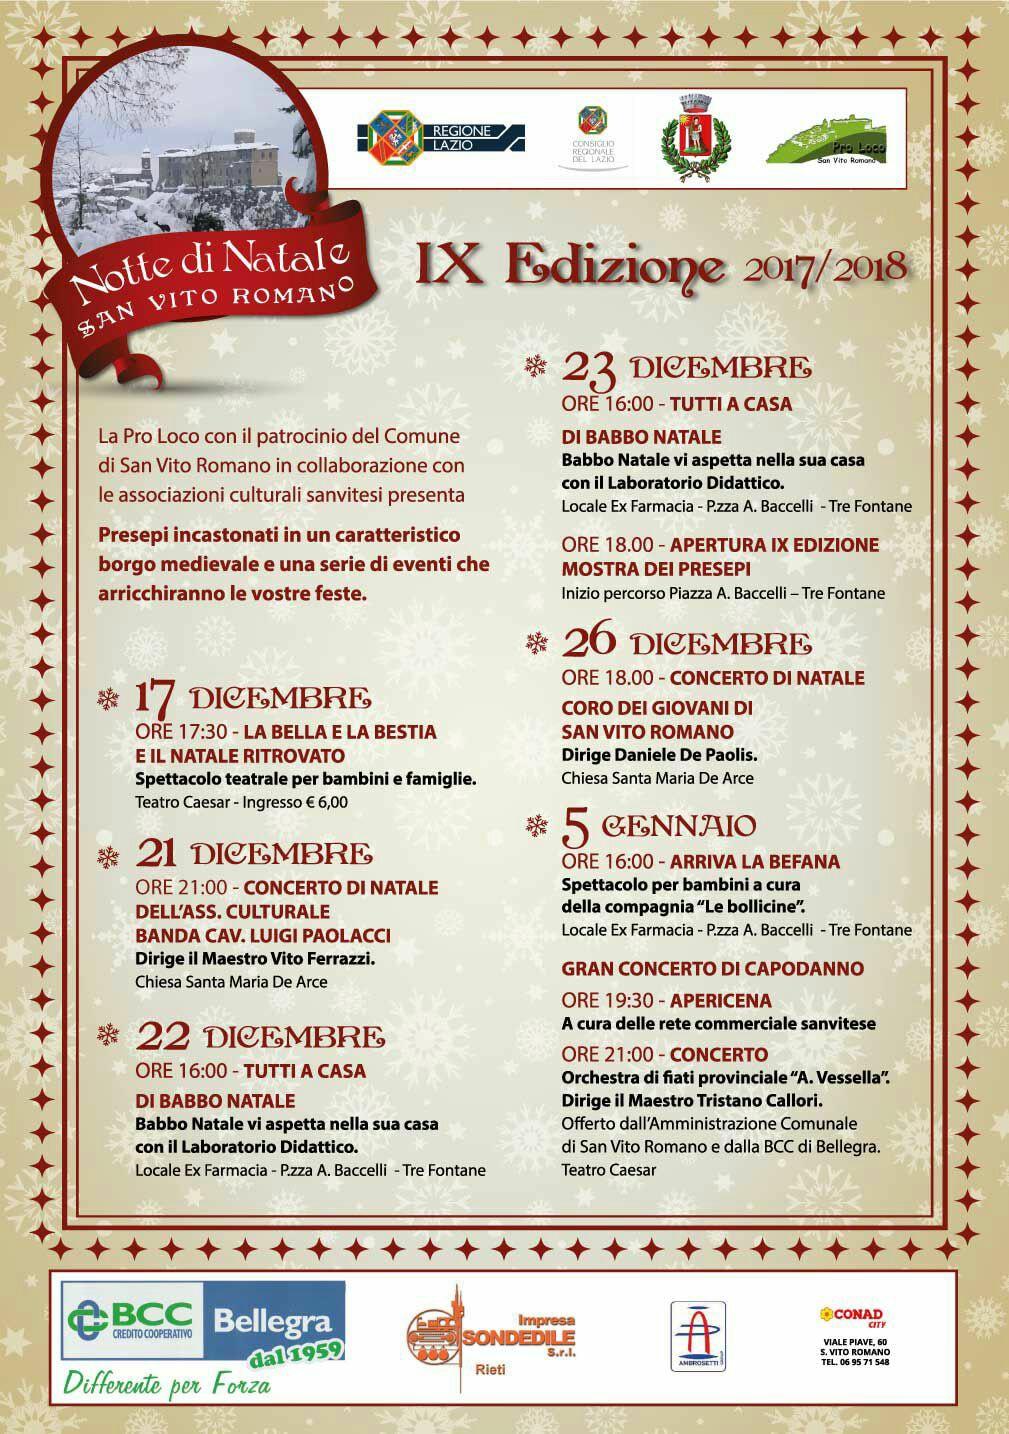 Menu Di Natale Romano.Ix Ed Notte Di Natale Al Via Dal 17 Dicembre Al 6 Gennaio